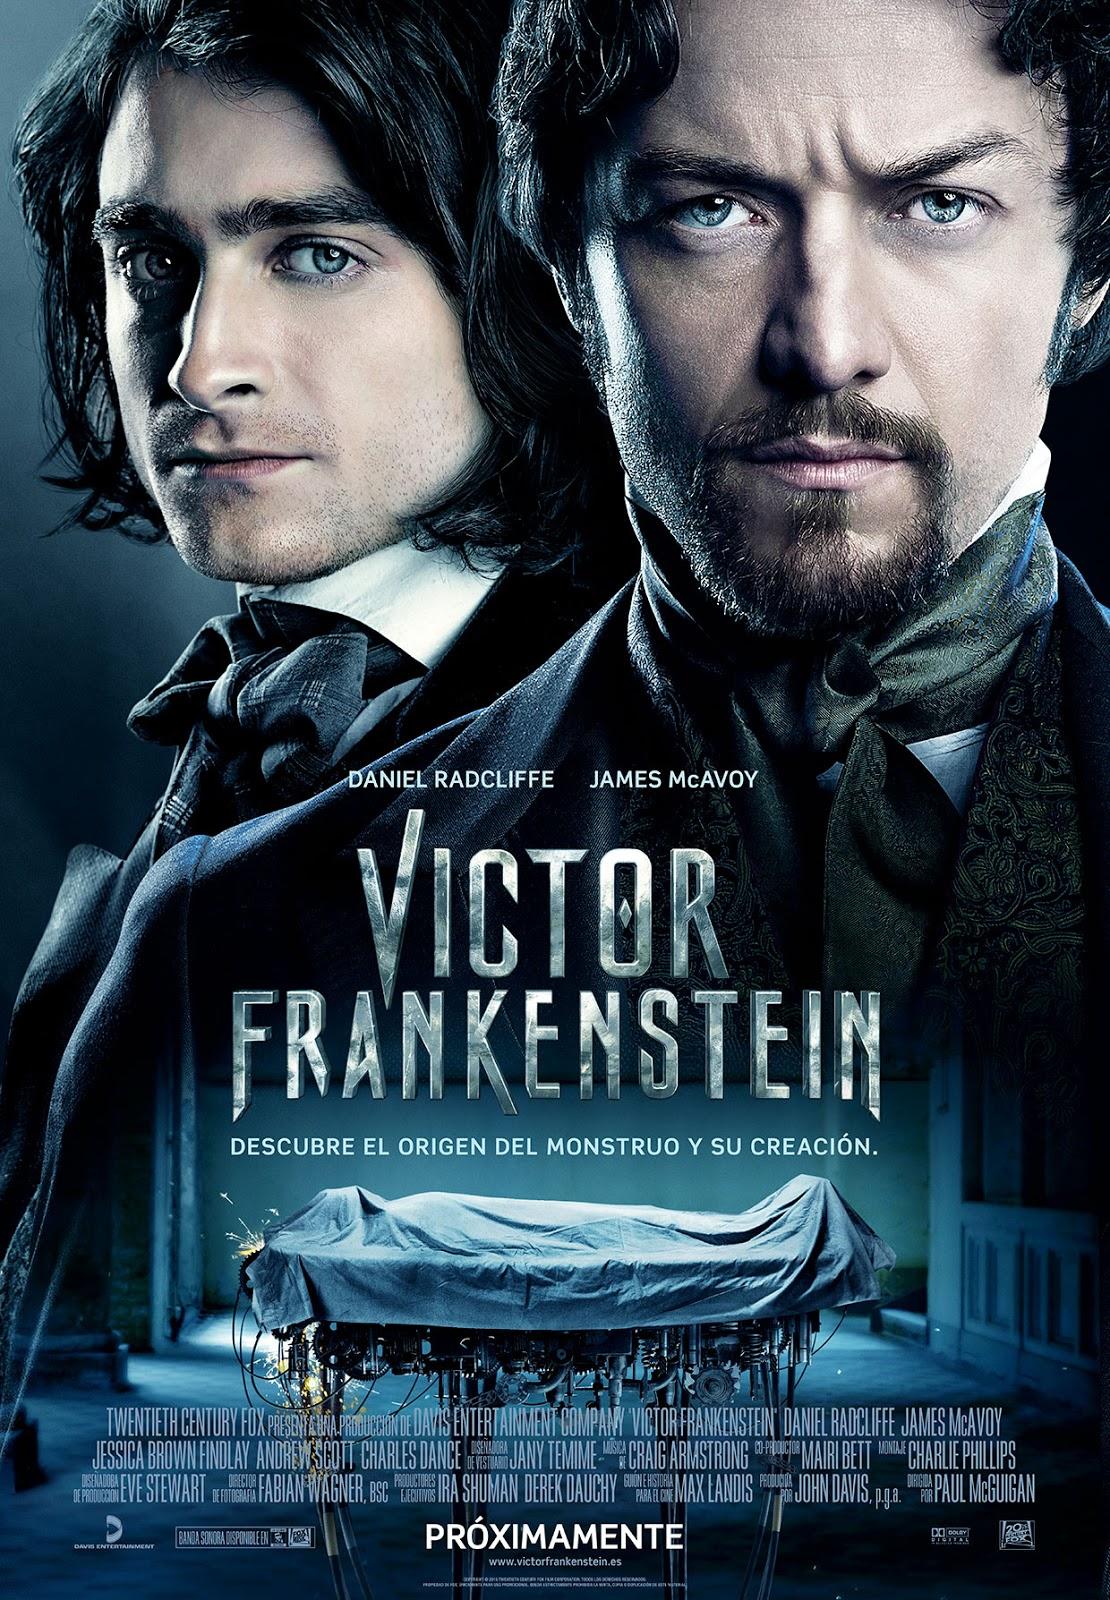 VictorFrankensteinCartel01